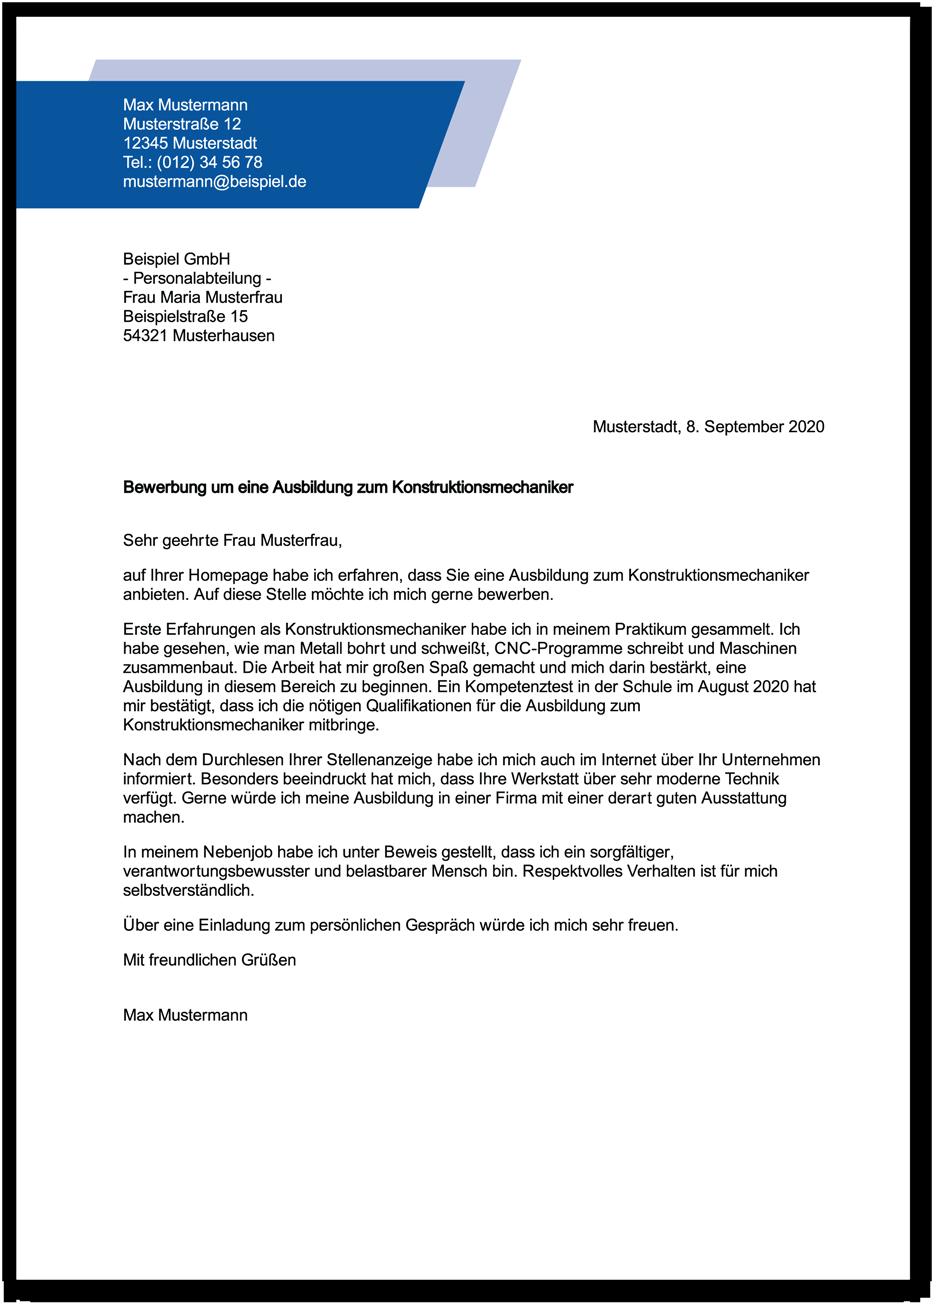 Die Bewerbung Zur Ausbildung Konstruktionsmechaniker Konstruktionsmechanikerin Ausbildungspark Verlag